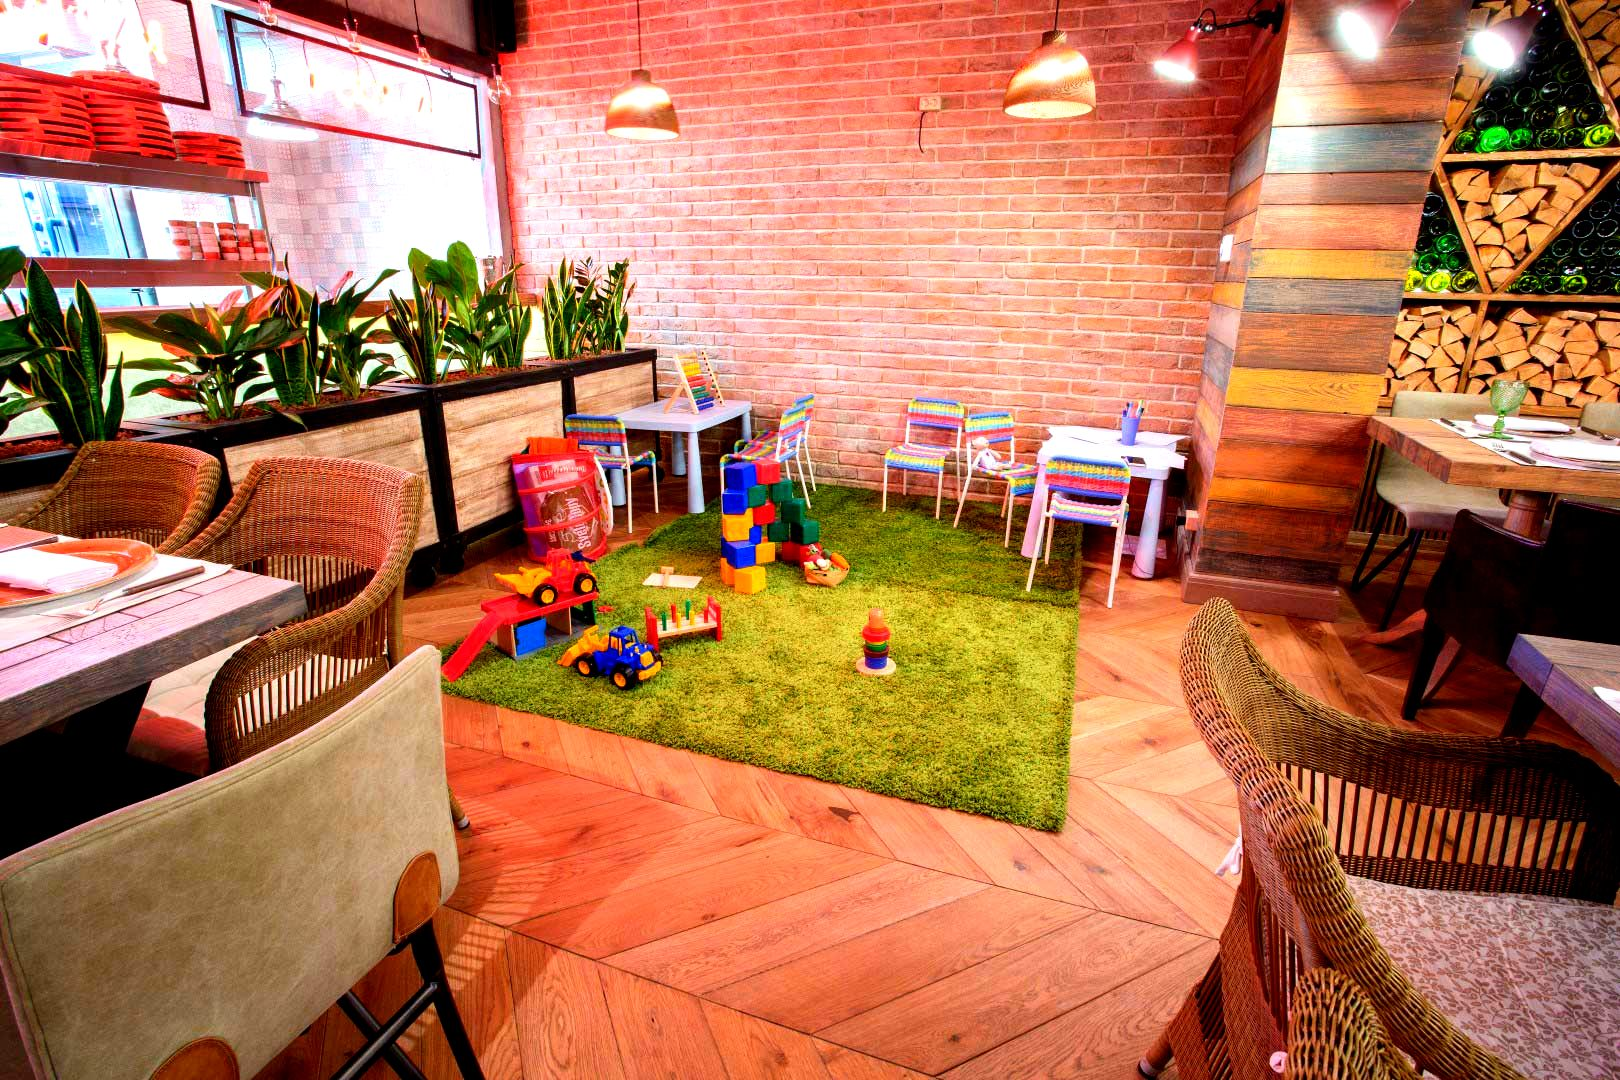 детский уголок в кафе фото